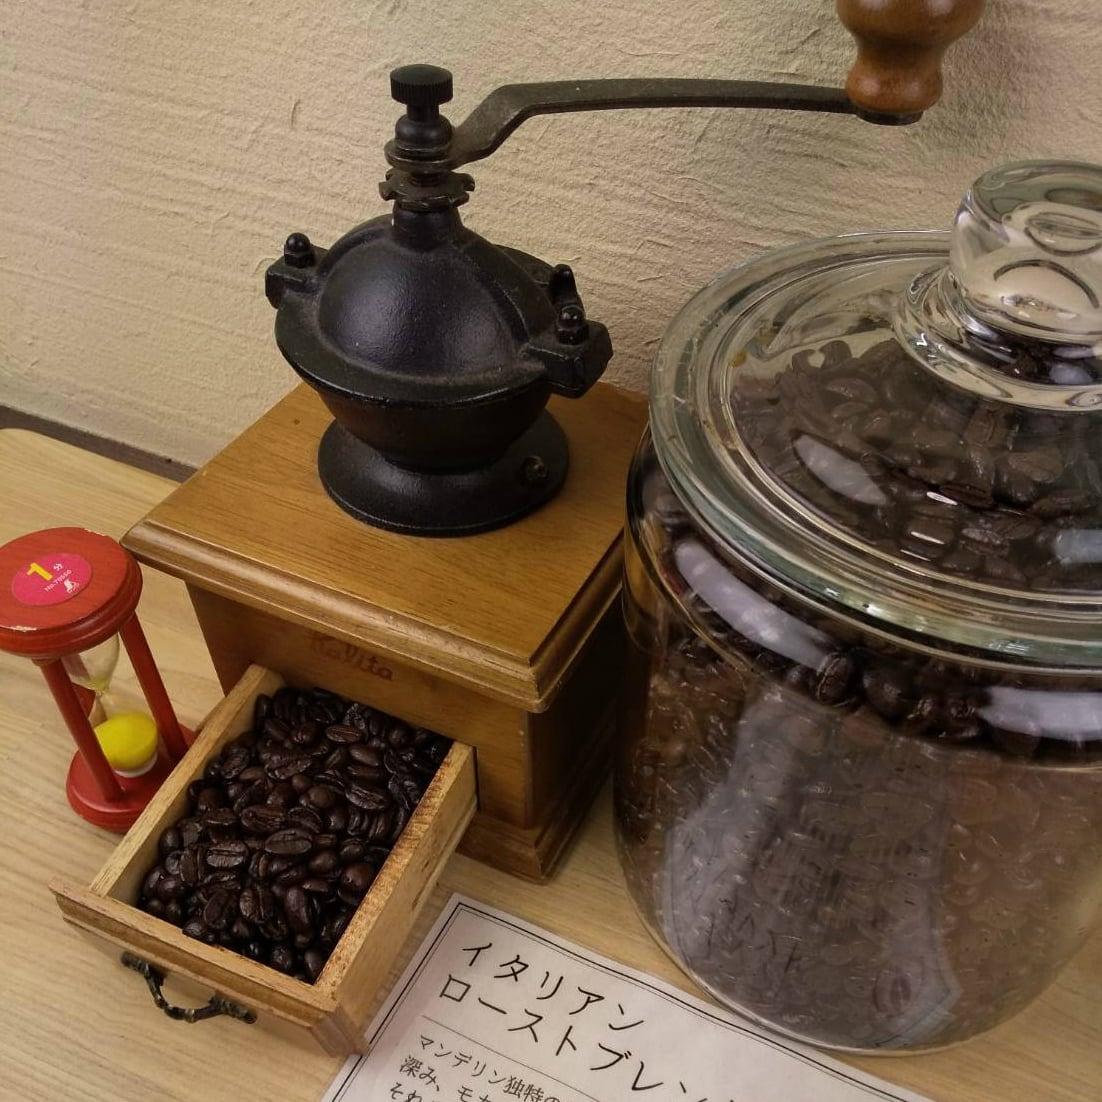 珈琲豆は出来るだけ挽かずに豆のままご購入ください。